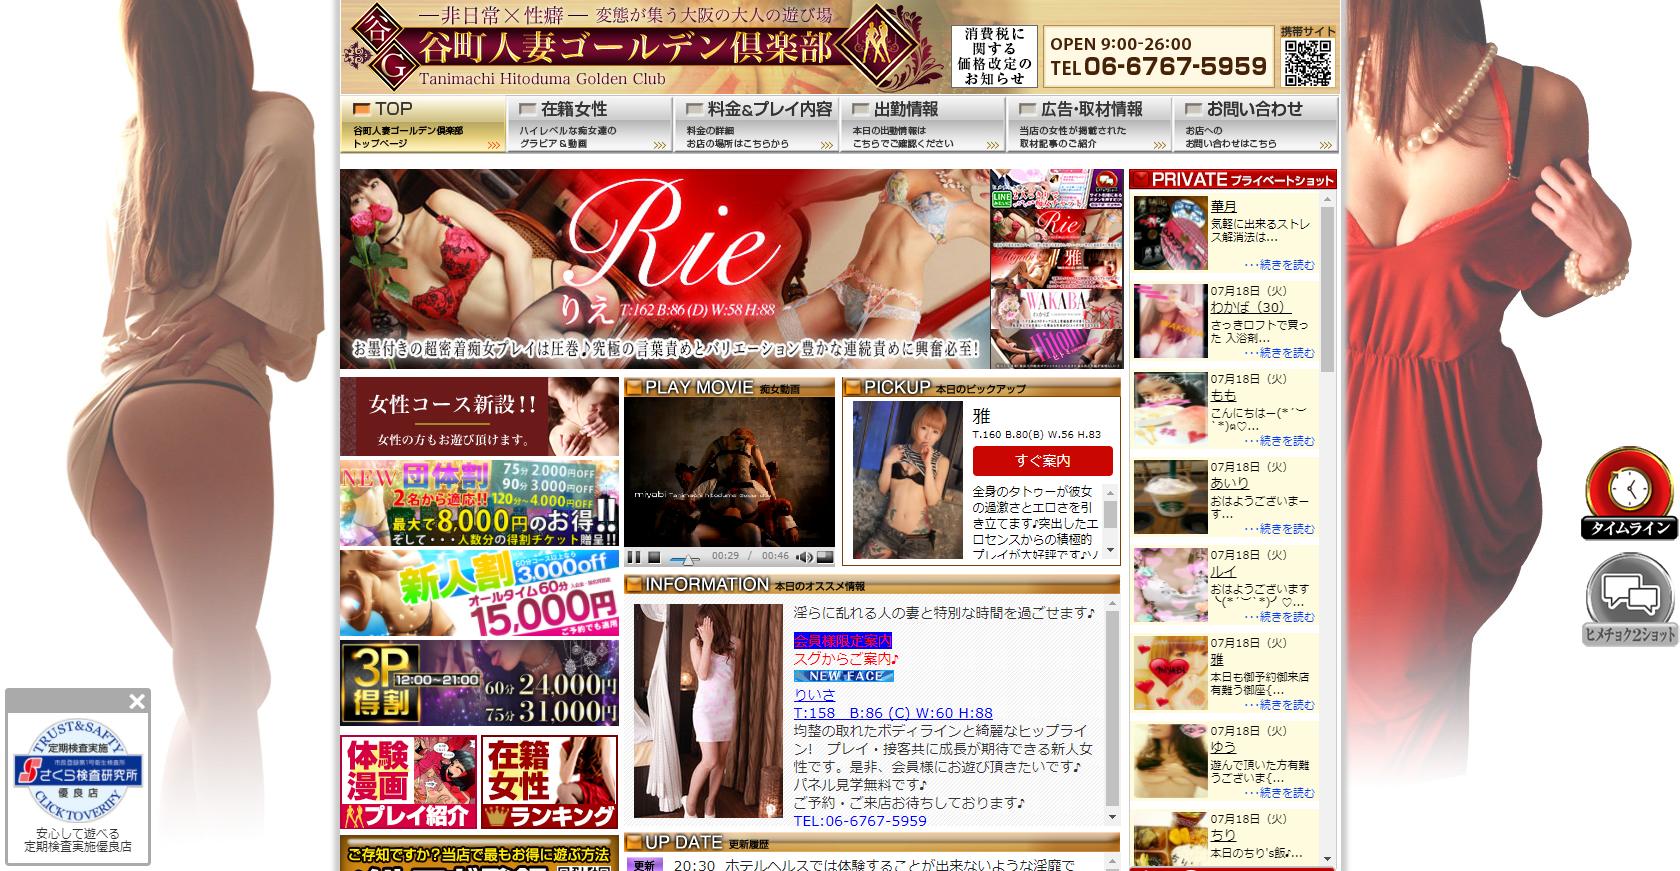 非日常・性癖 変態が集う大阪の大人の遊び場 谷町人妻ゴールデン倶楽部